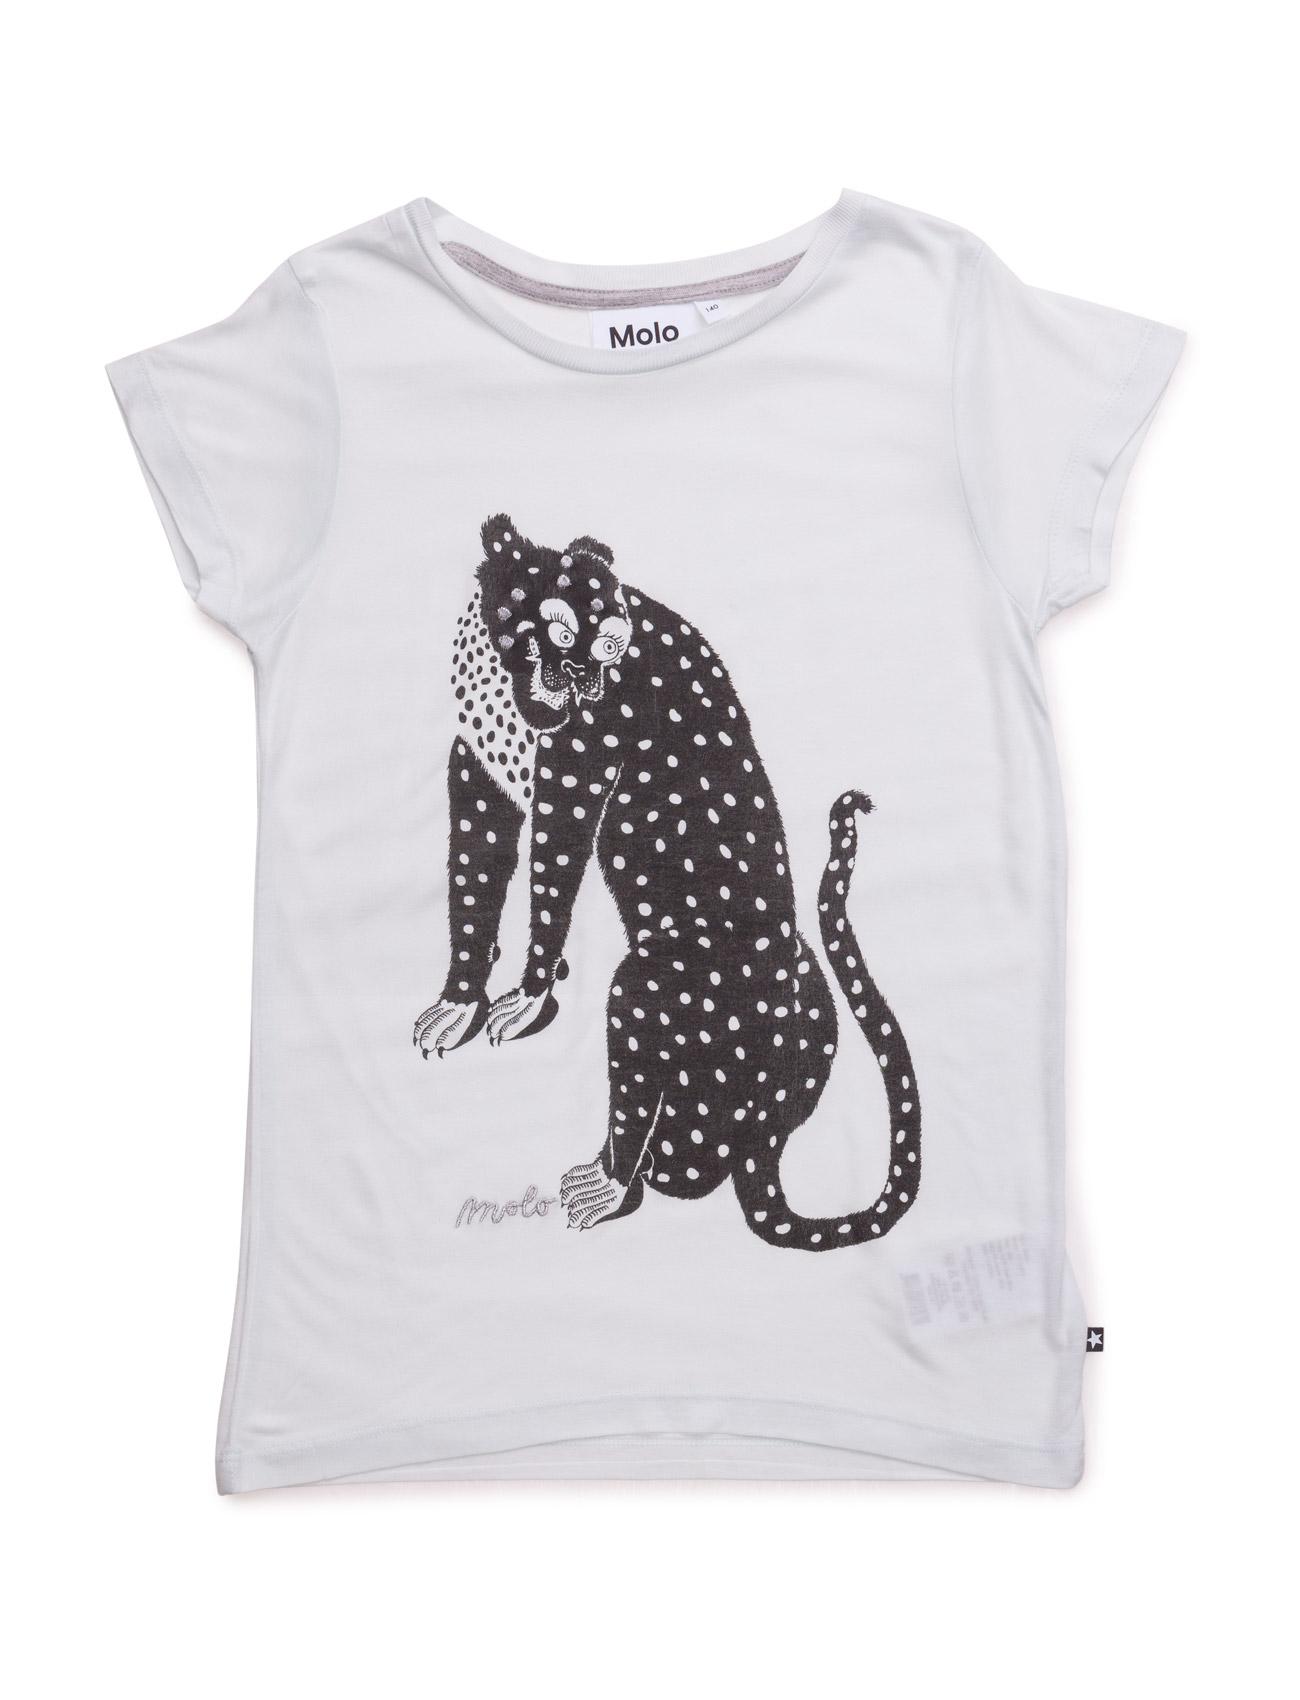 Ruana Molo Kortærmede t-shirts til Børn i